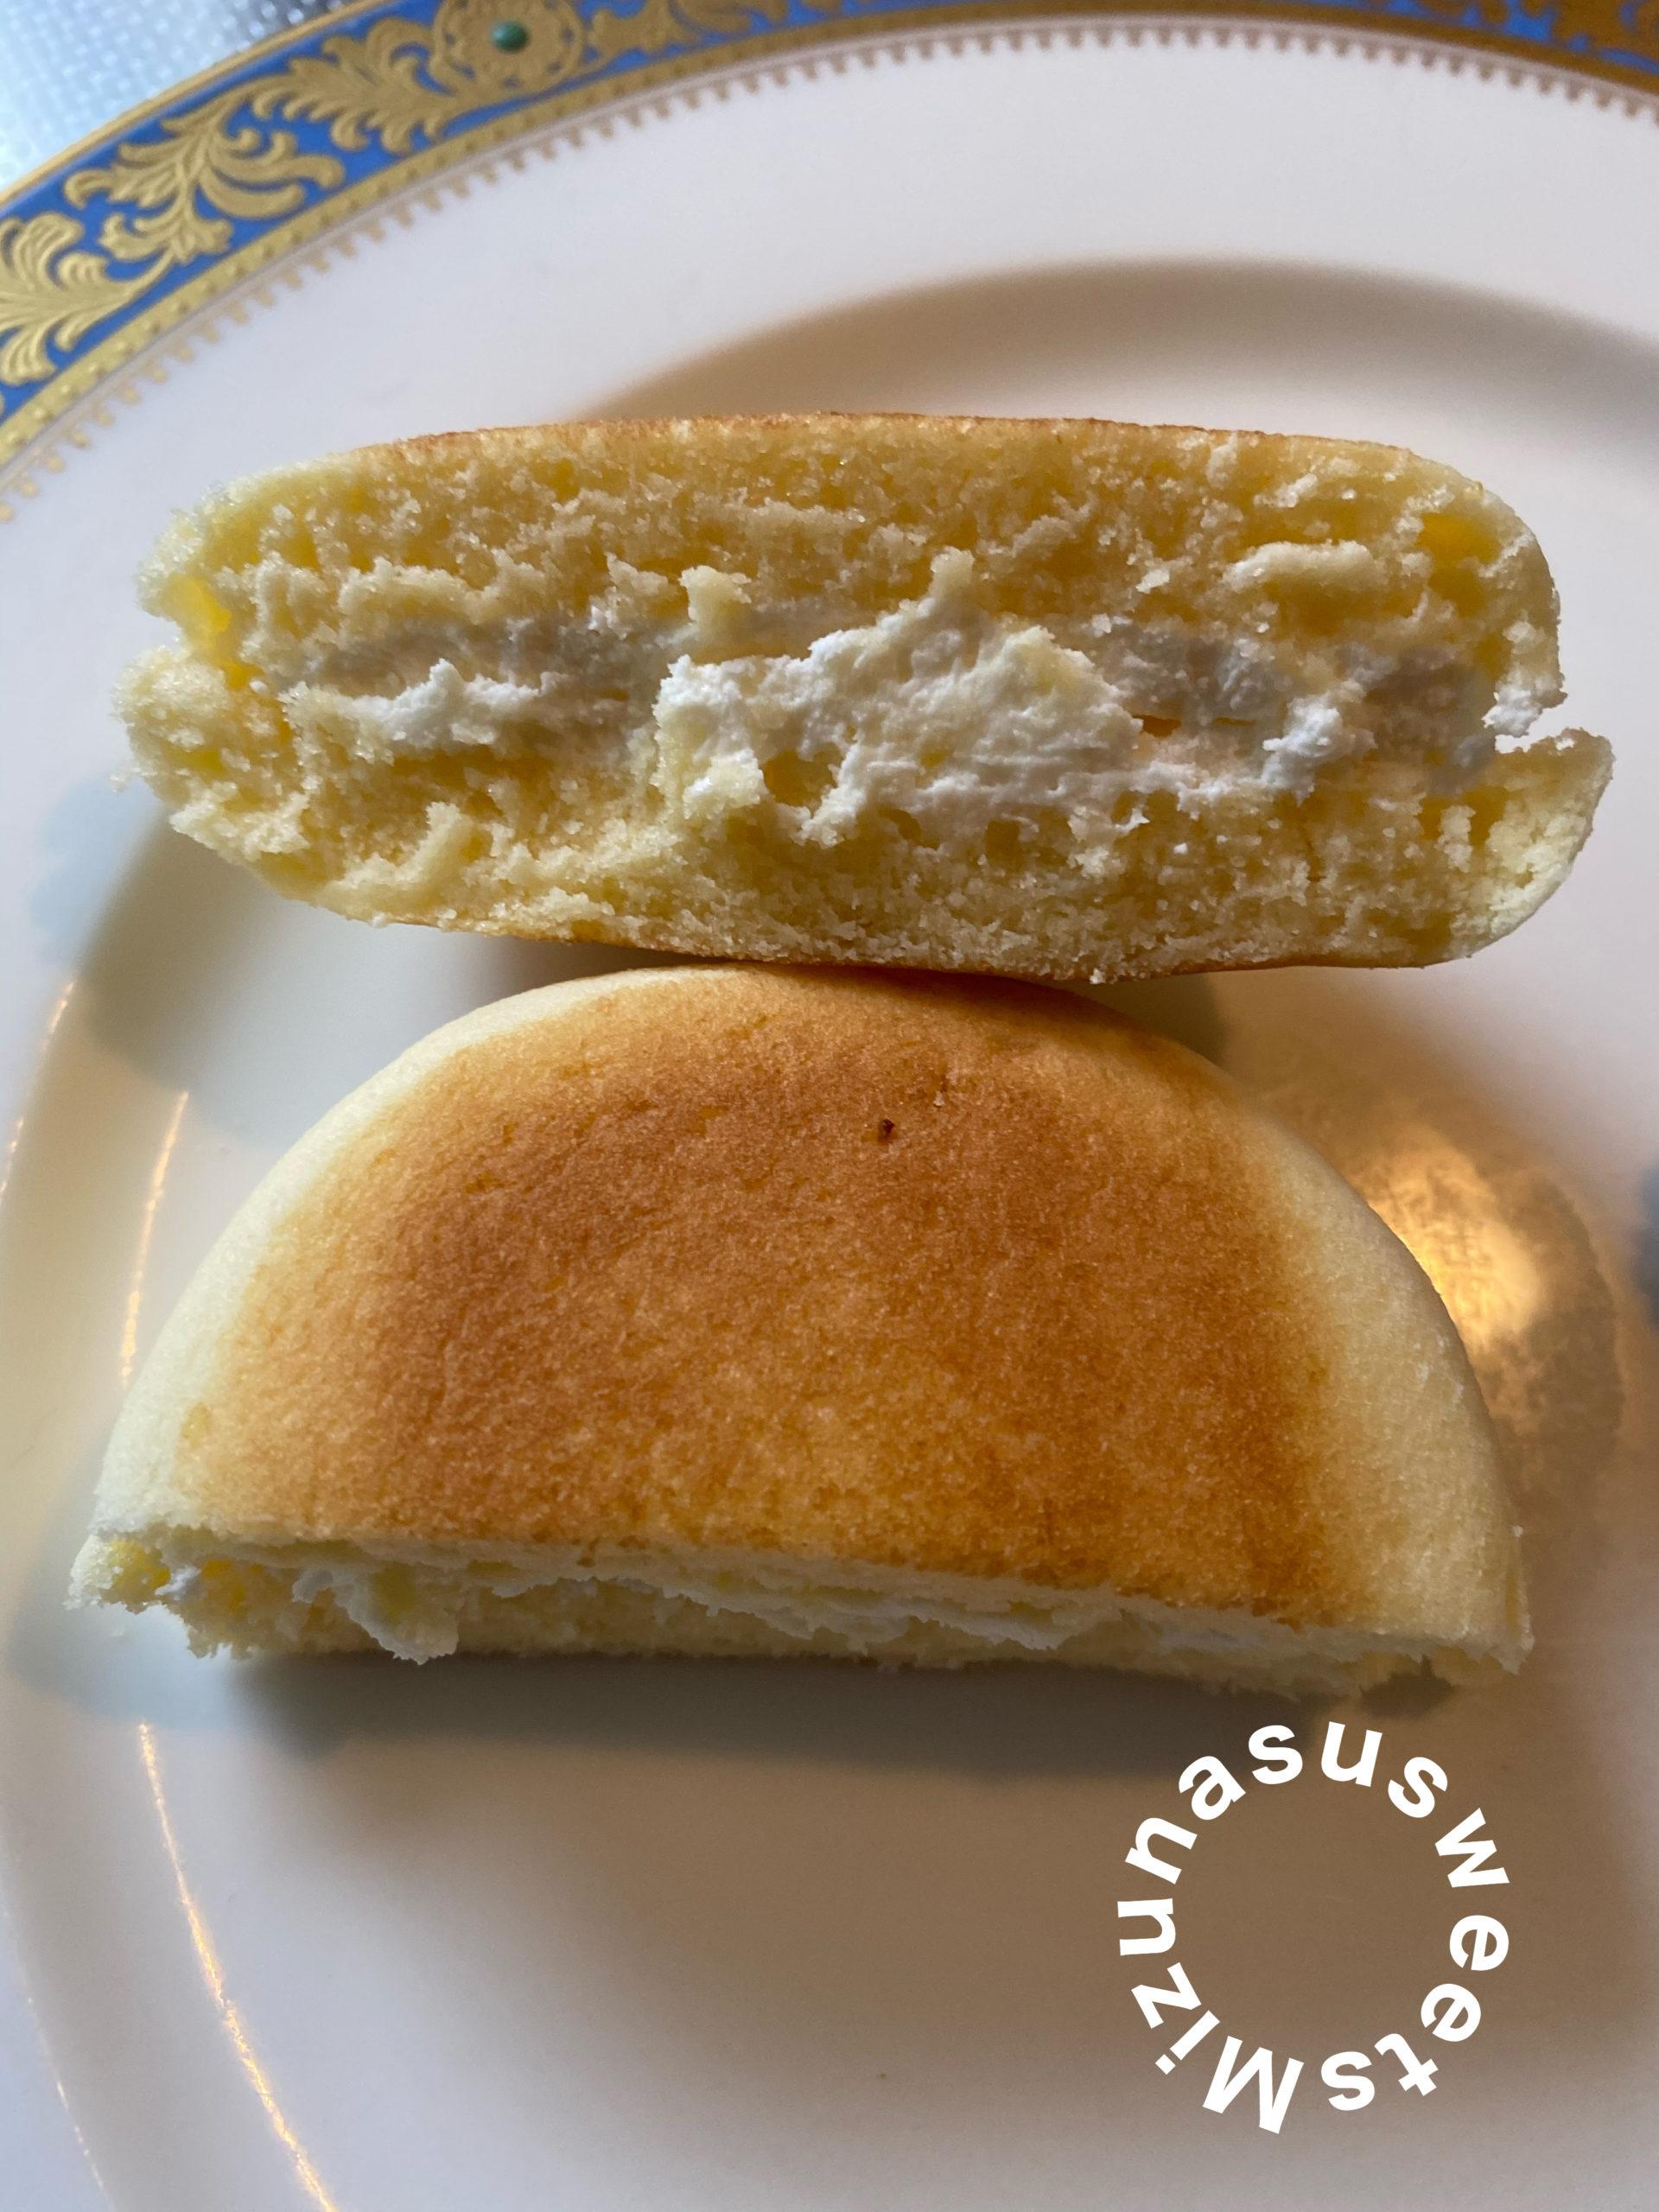 セブンイレブンスイーツのチーズ蒸しケーキサンド